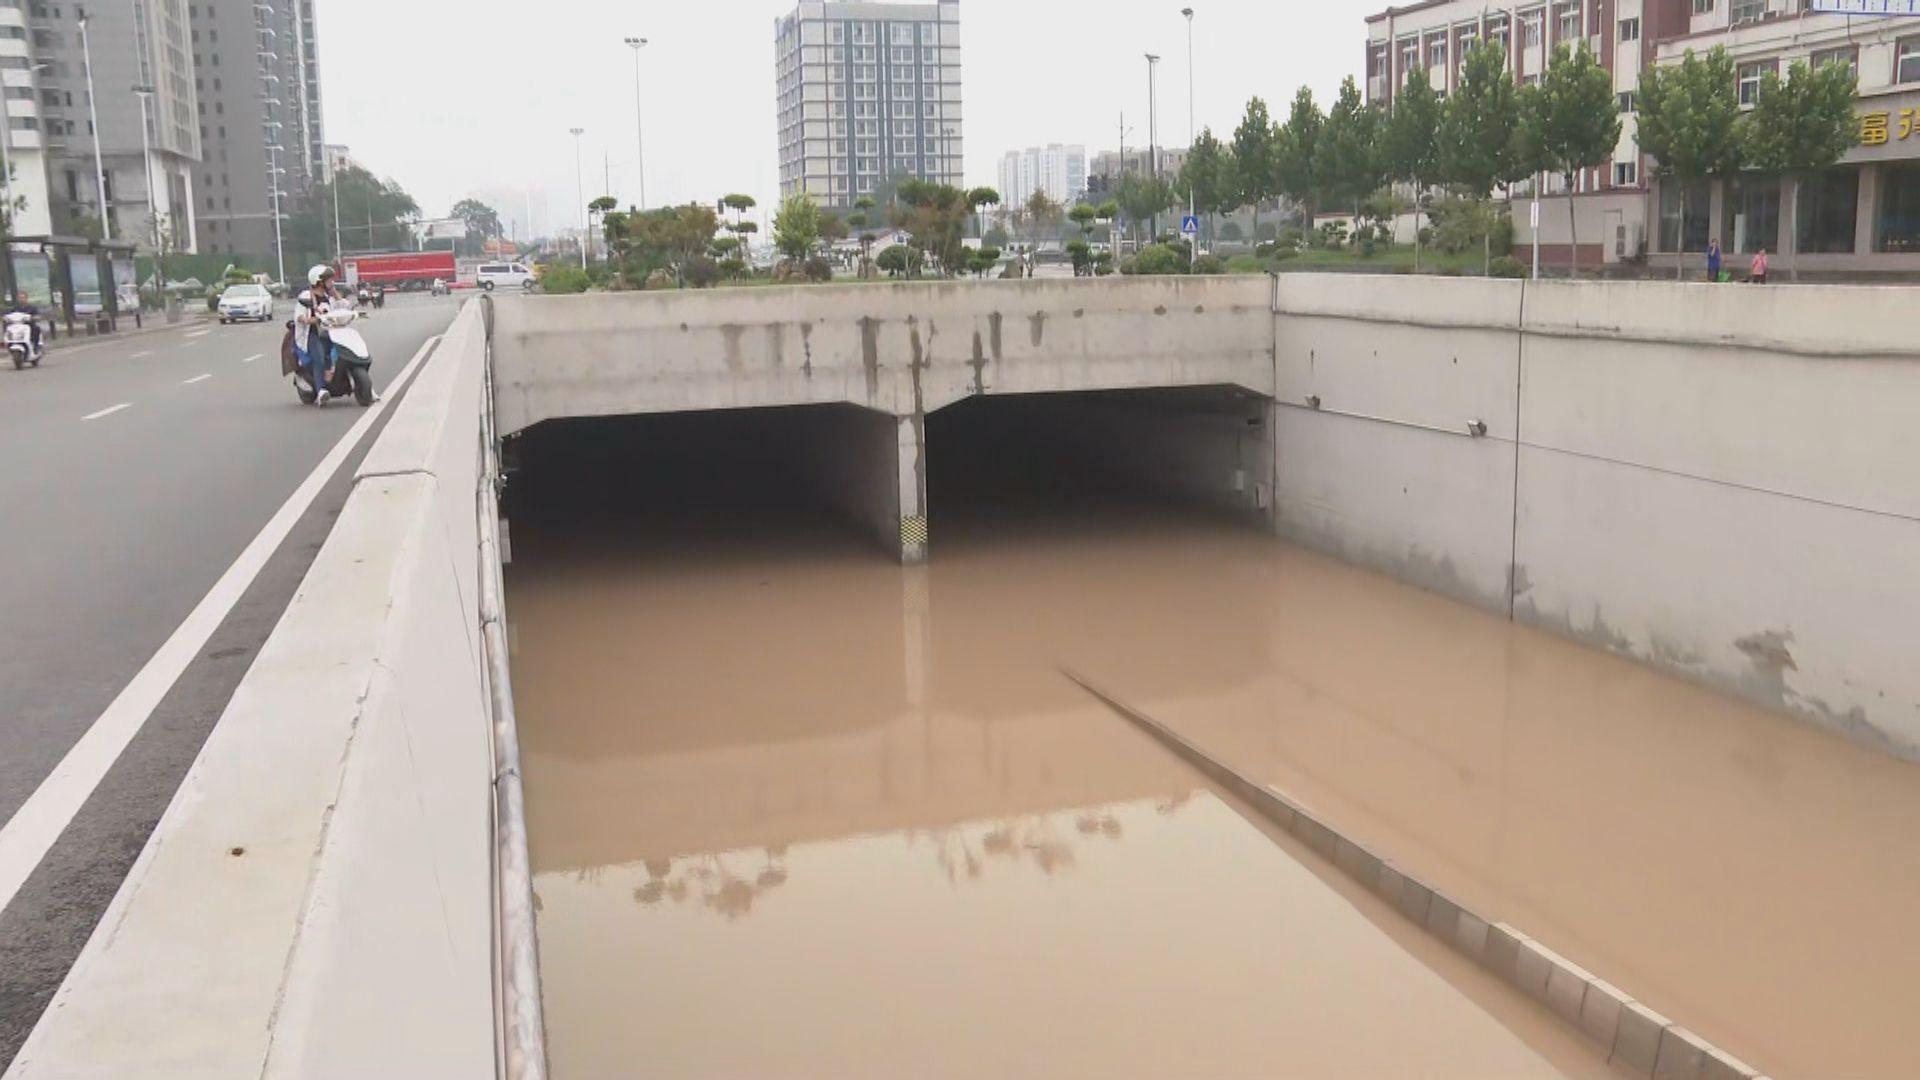 鄭州京廣路隧道據報仍有人失蹤 當局繼續搜救